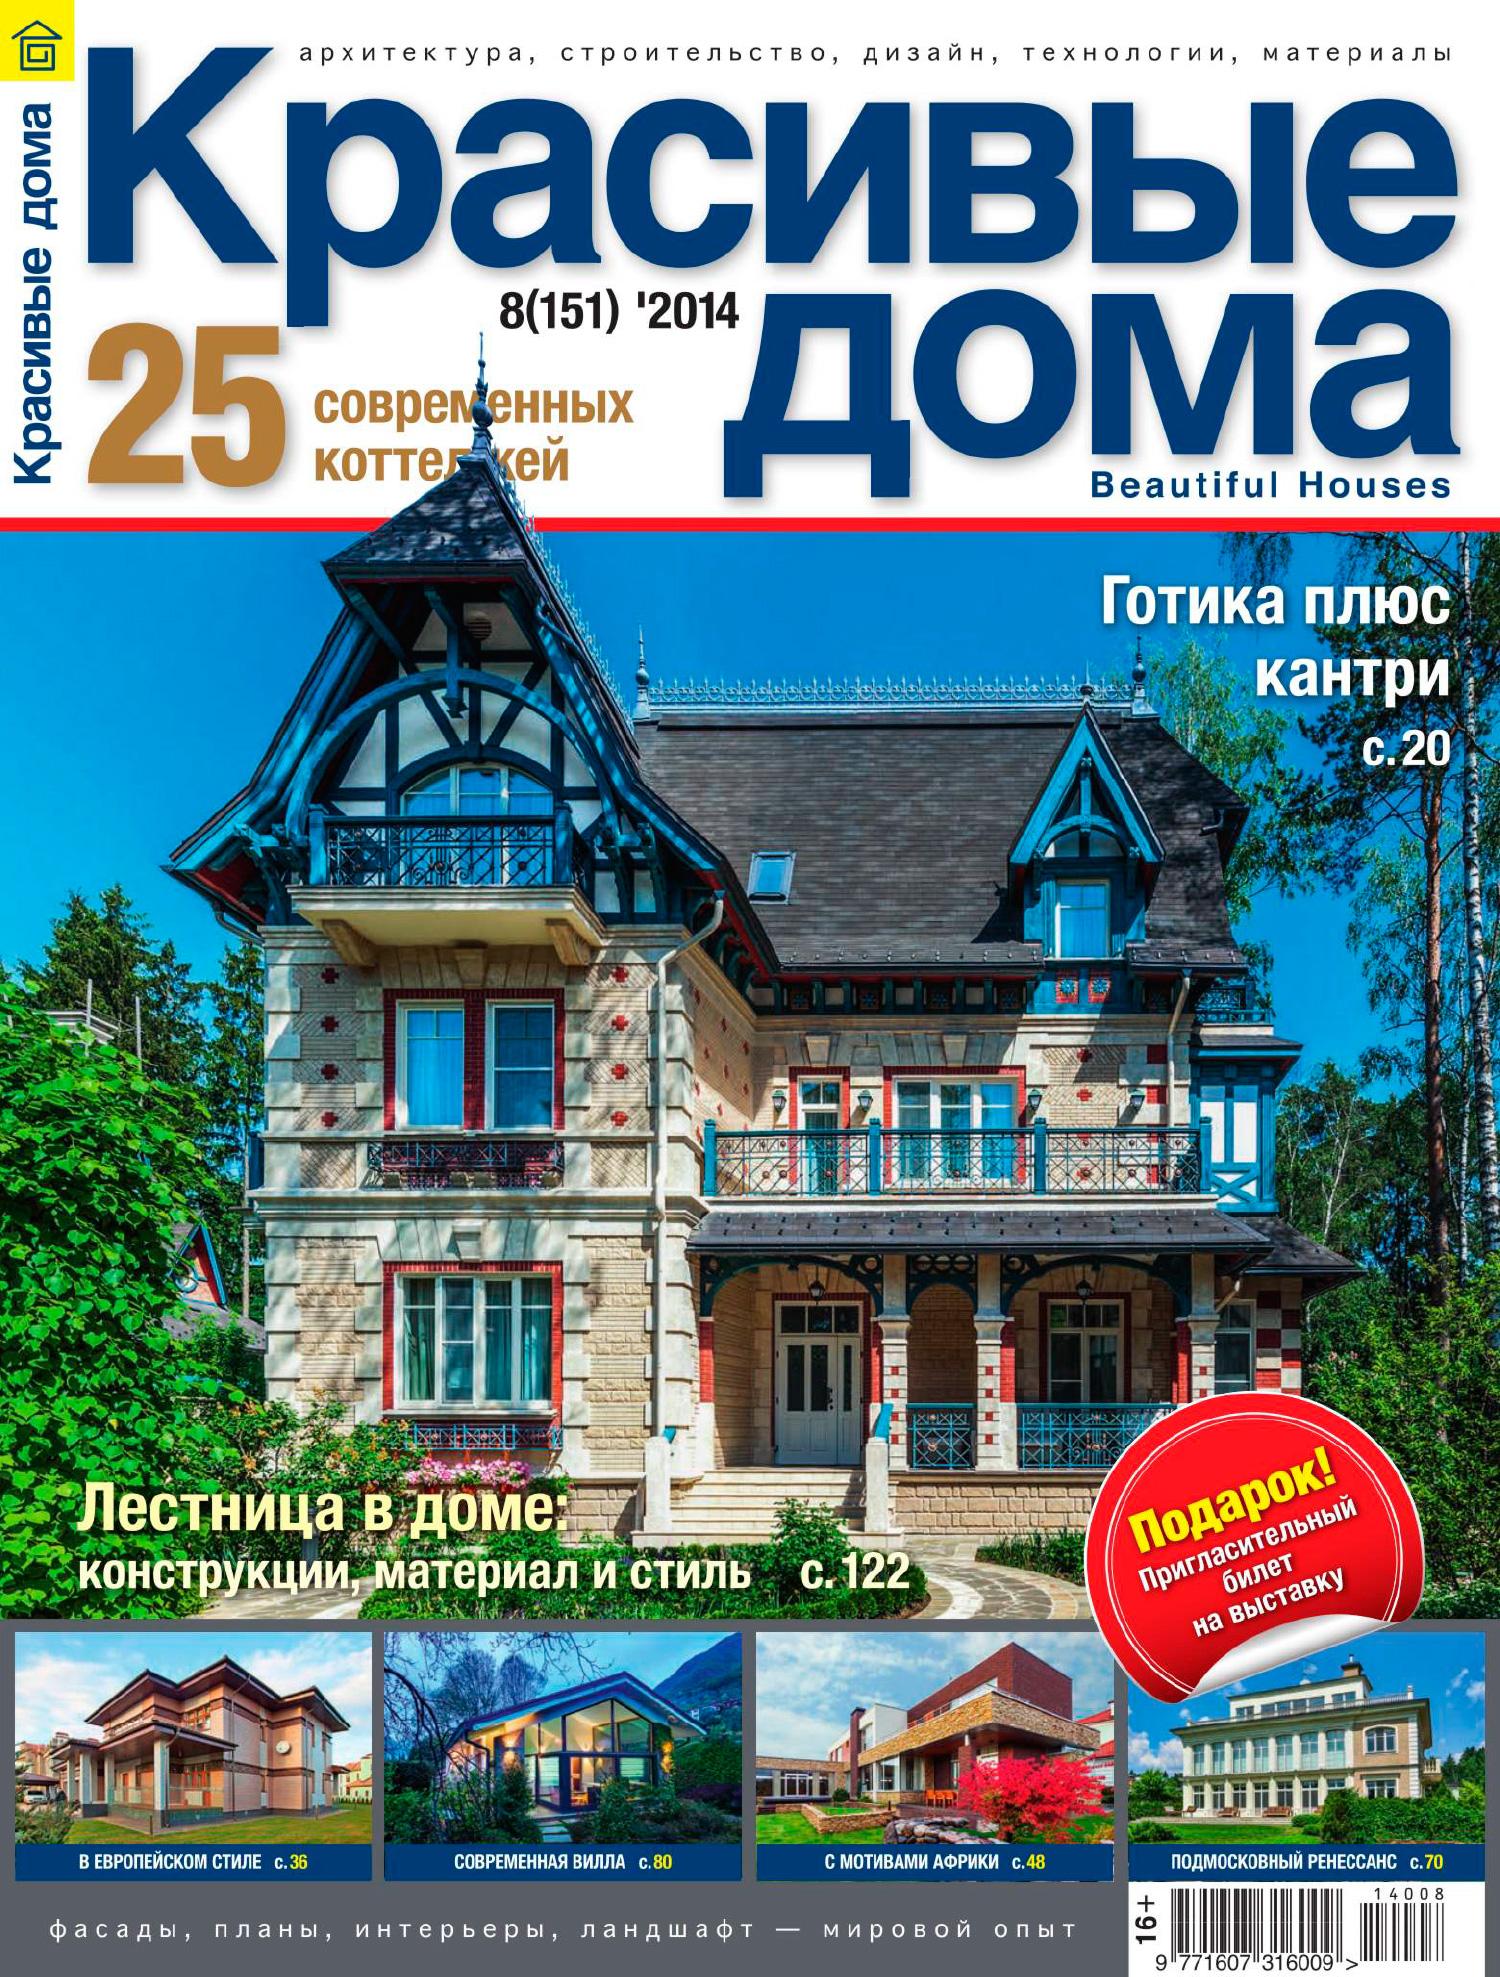 Журналы красивые дома смотреть онлайн, картинки слез про